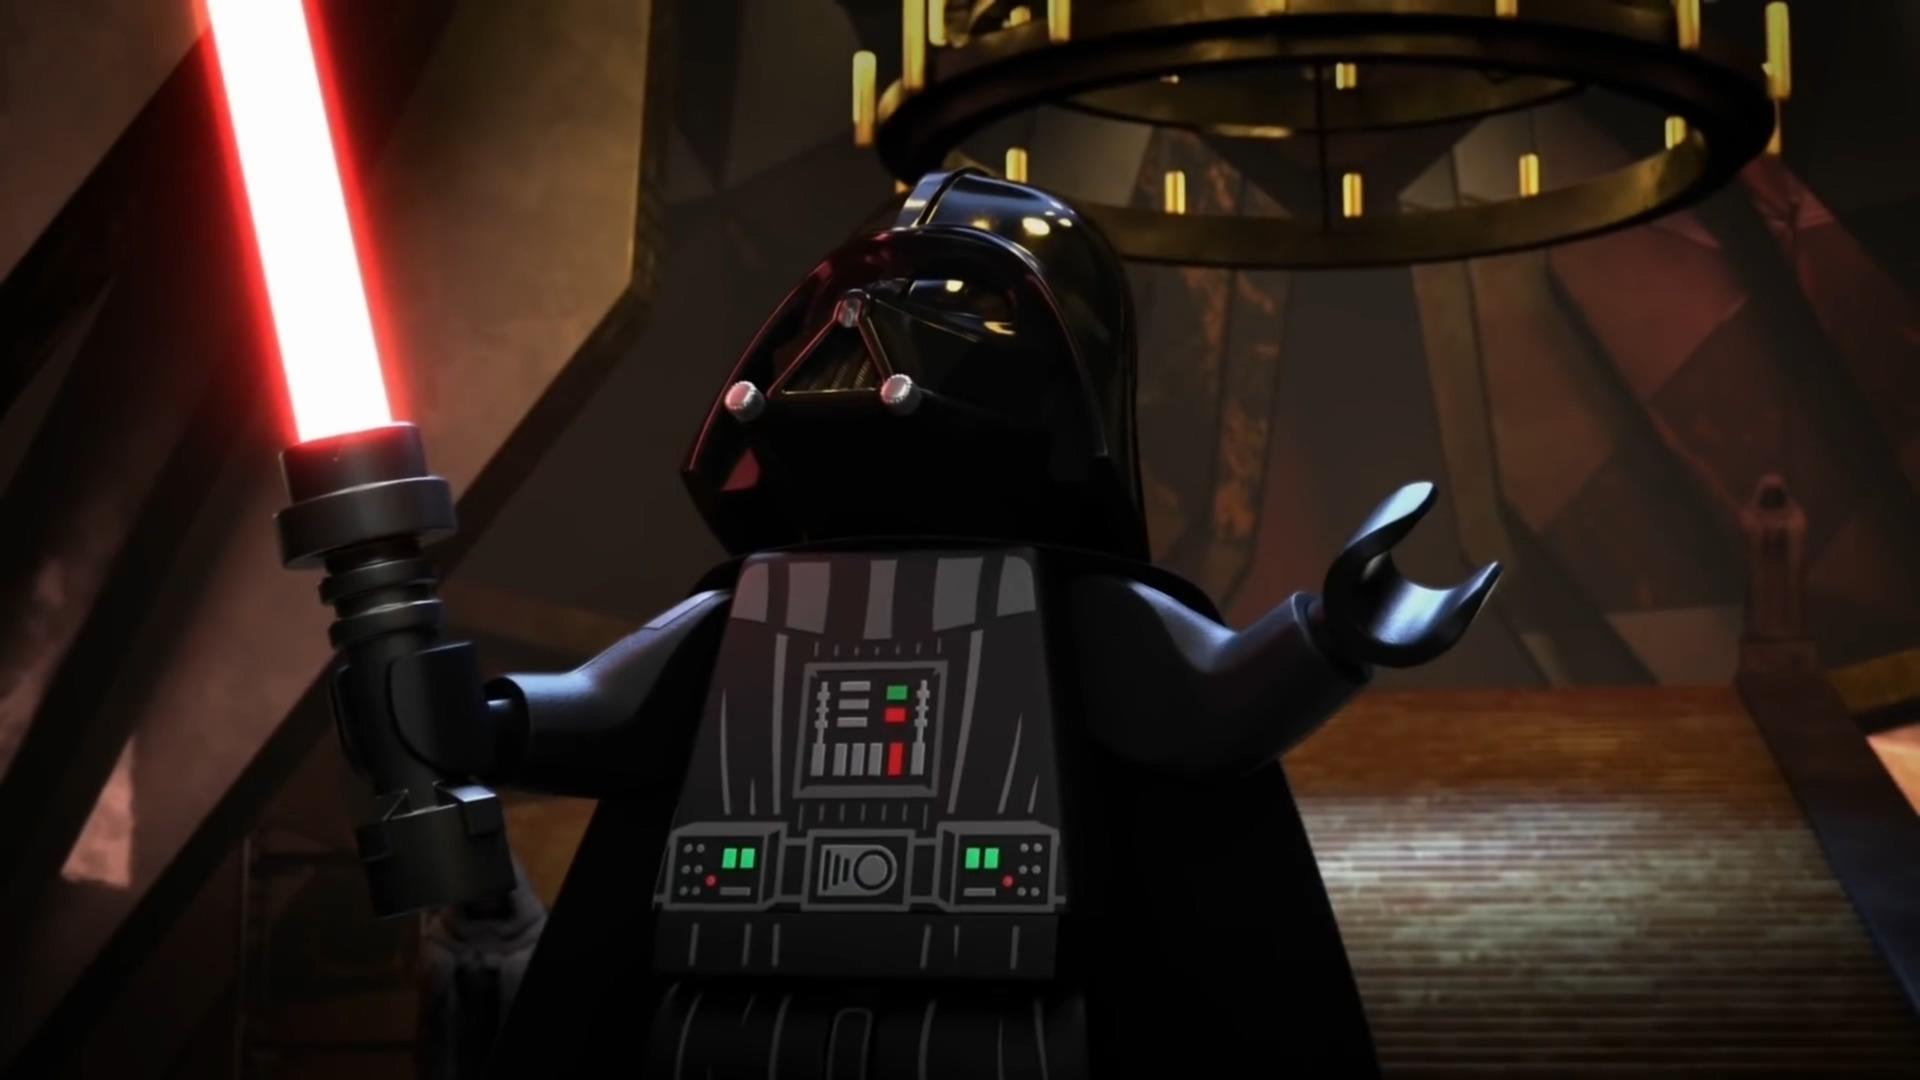 Trailer, Streaming, Star Wars, Disney+, Disney, Lego, Lucasfilm, lego star wars, Halloween, Lego Star Wars Gruselgeschichten, Star Wars Gruselgeschichten, Gruselgeschichten